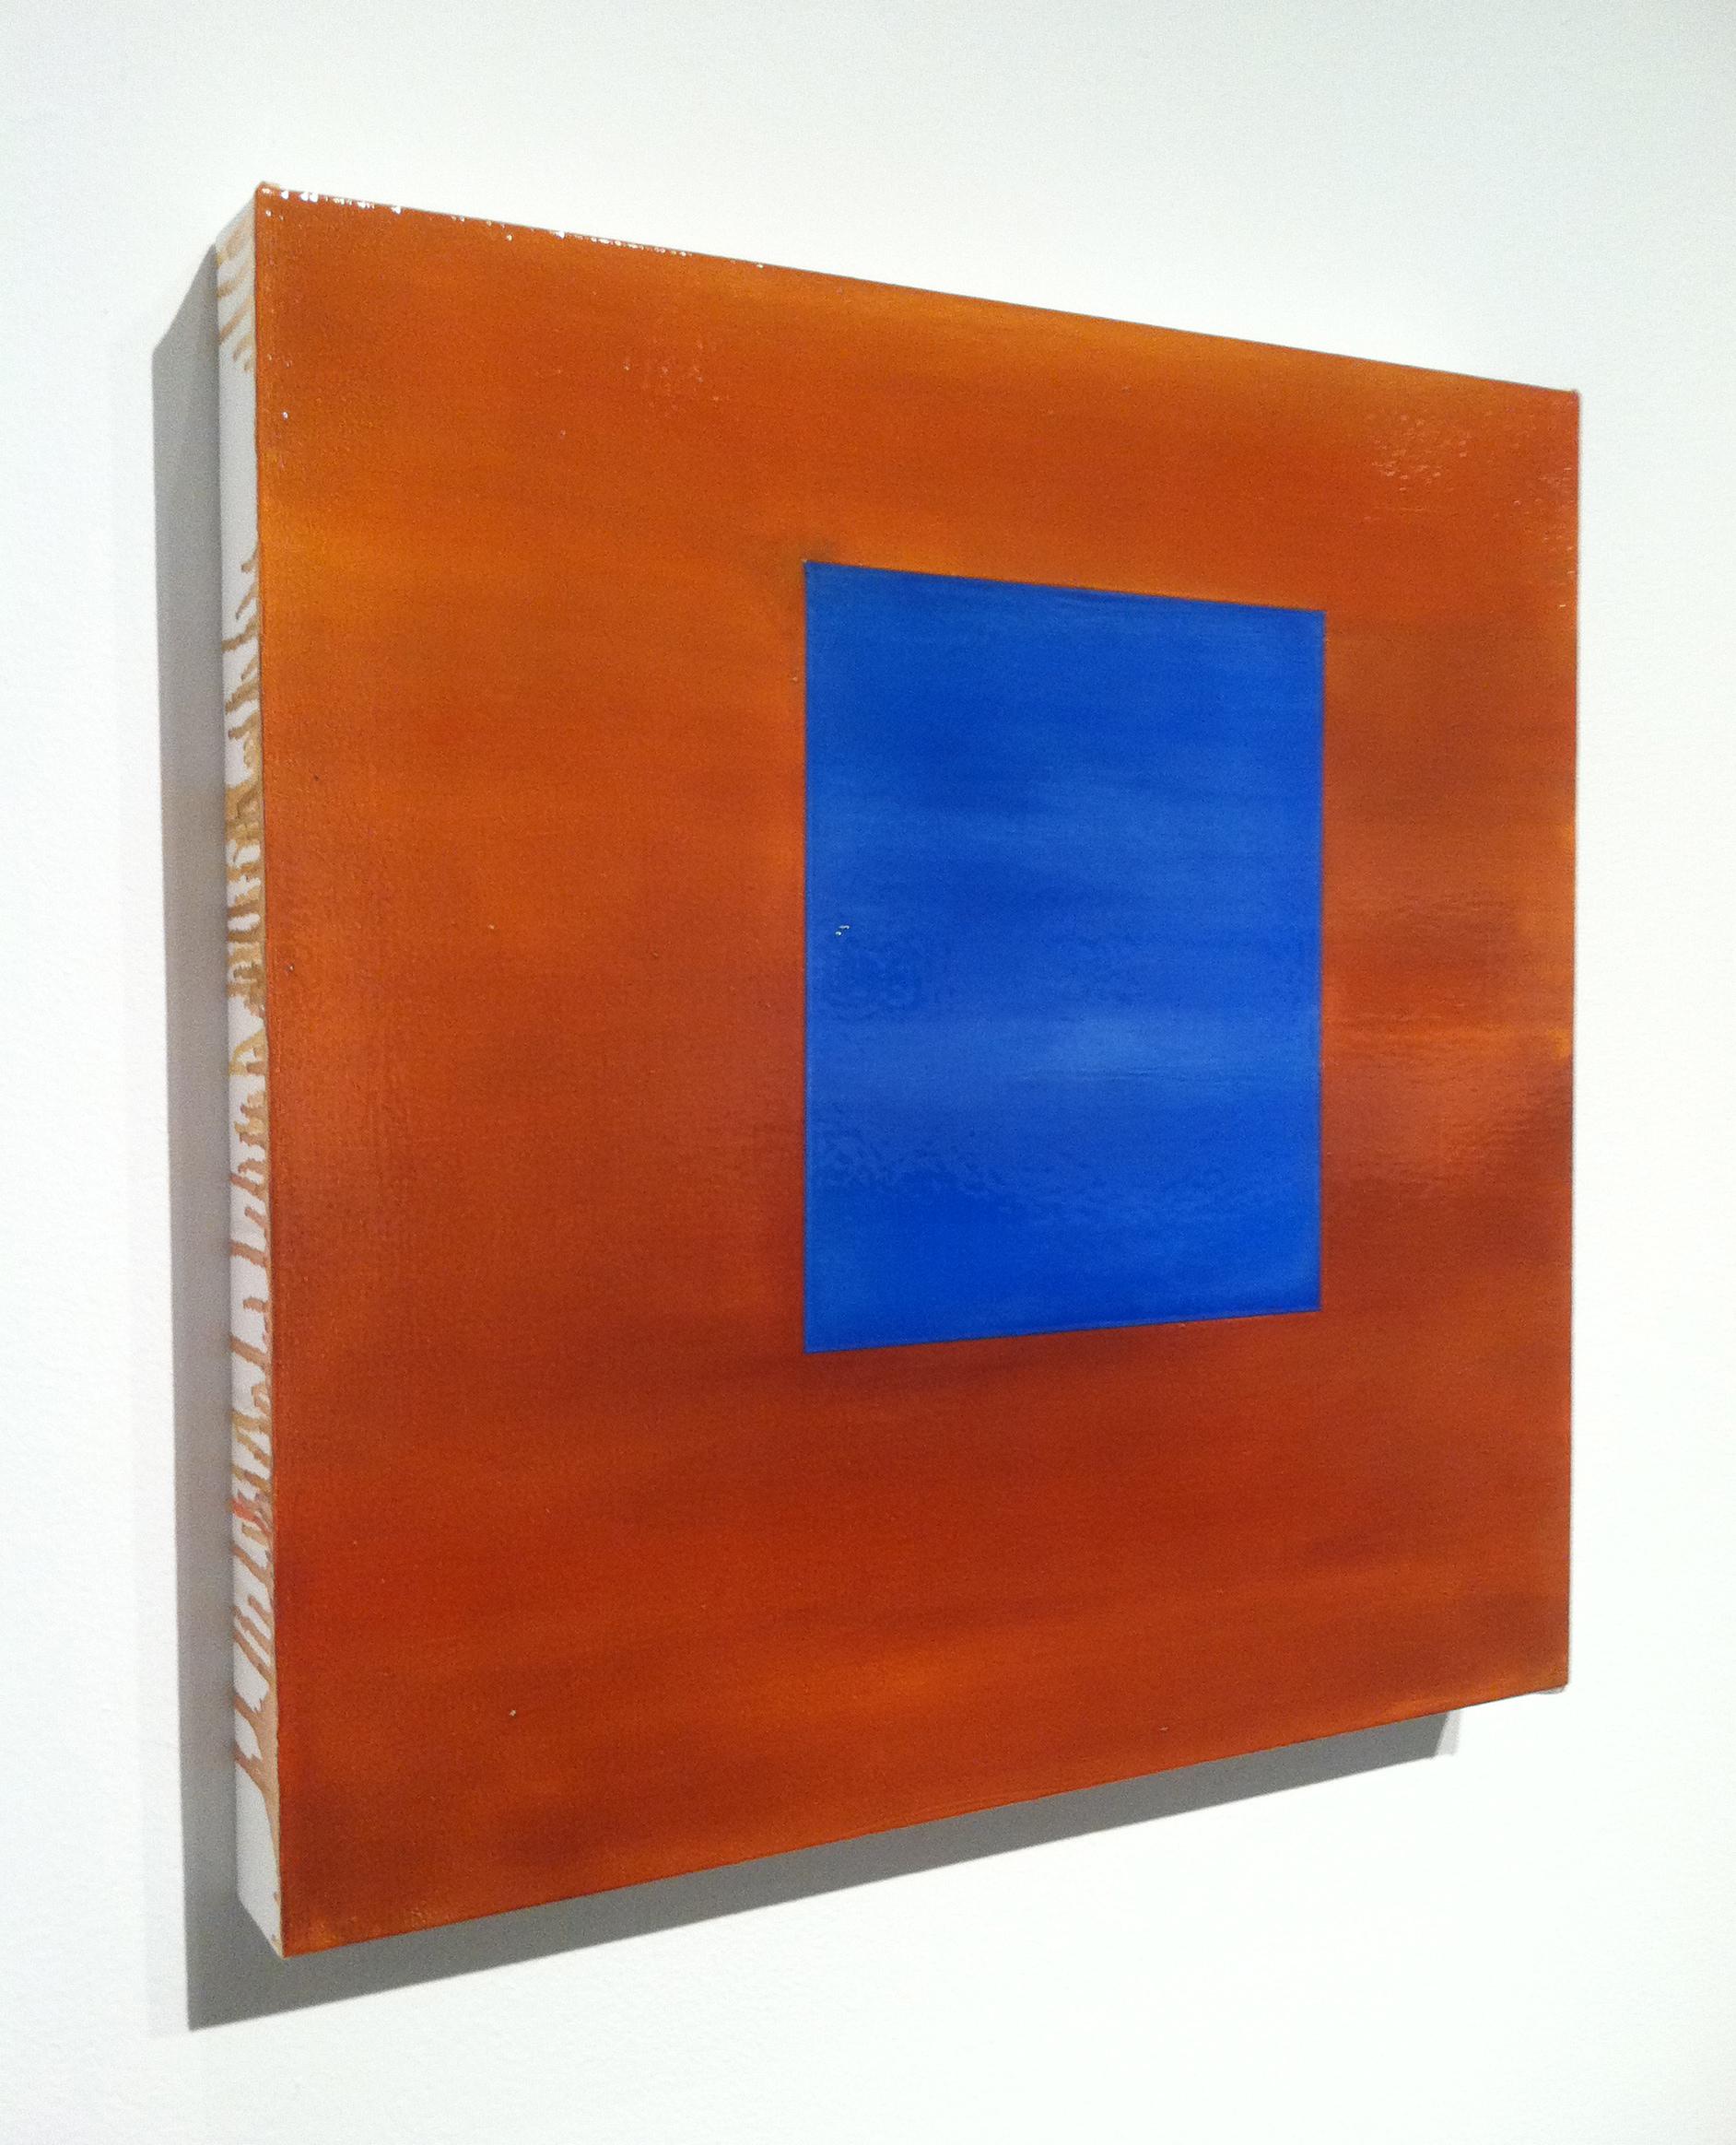 square-orangeblue.jpg